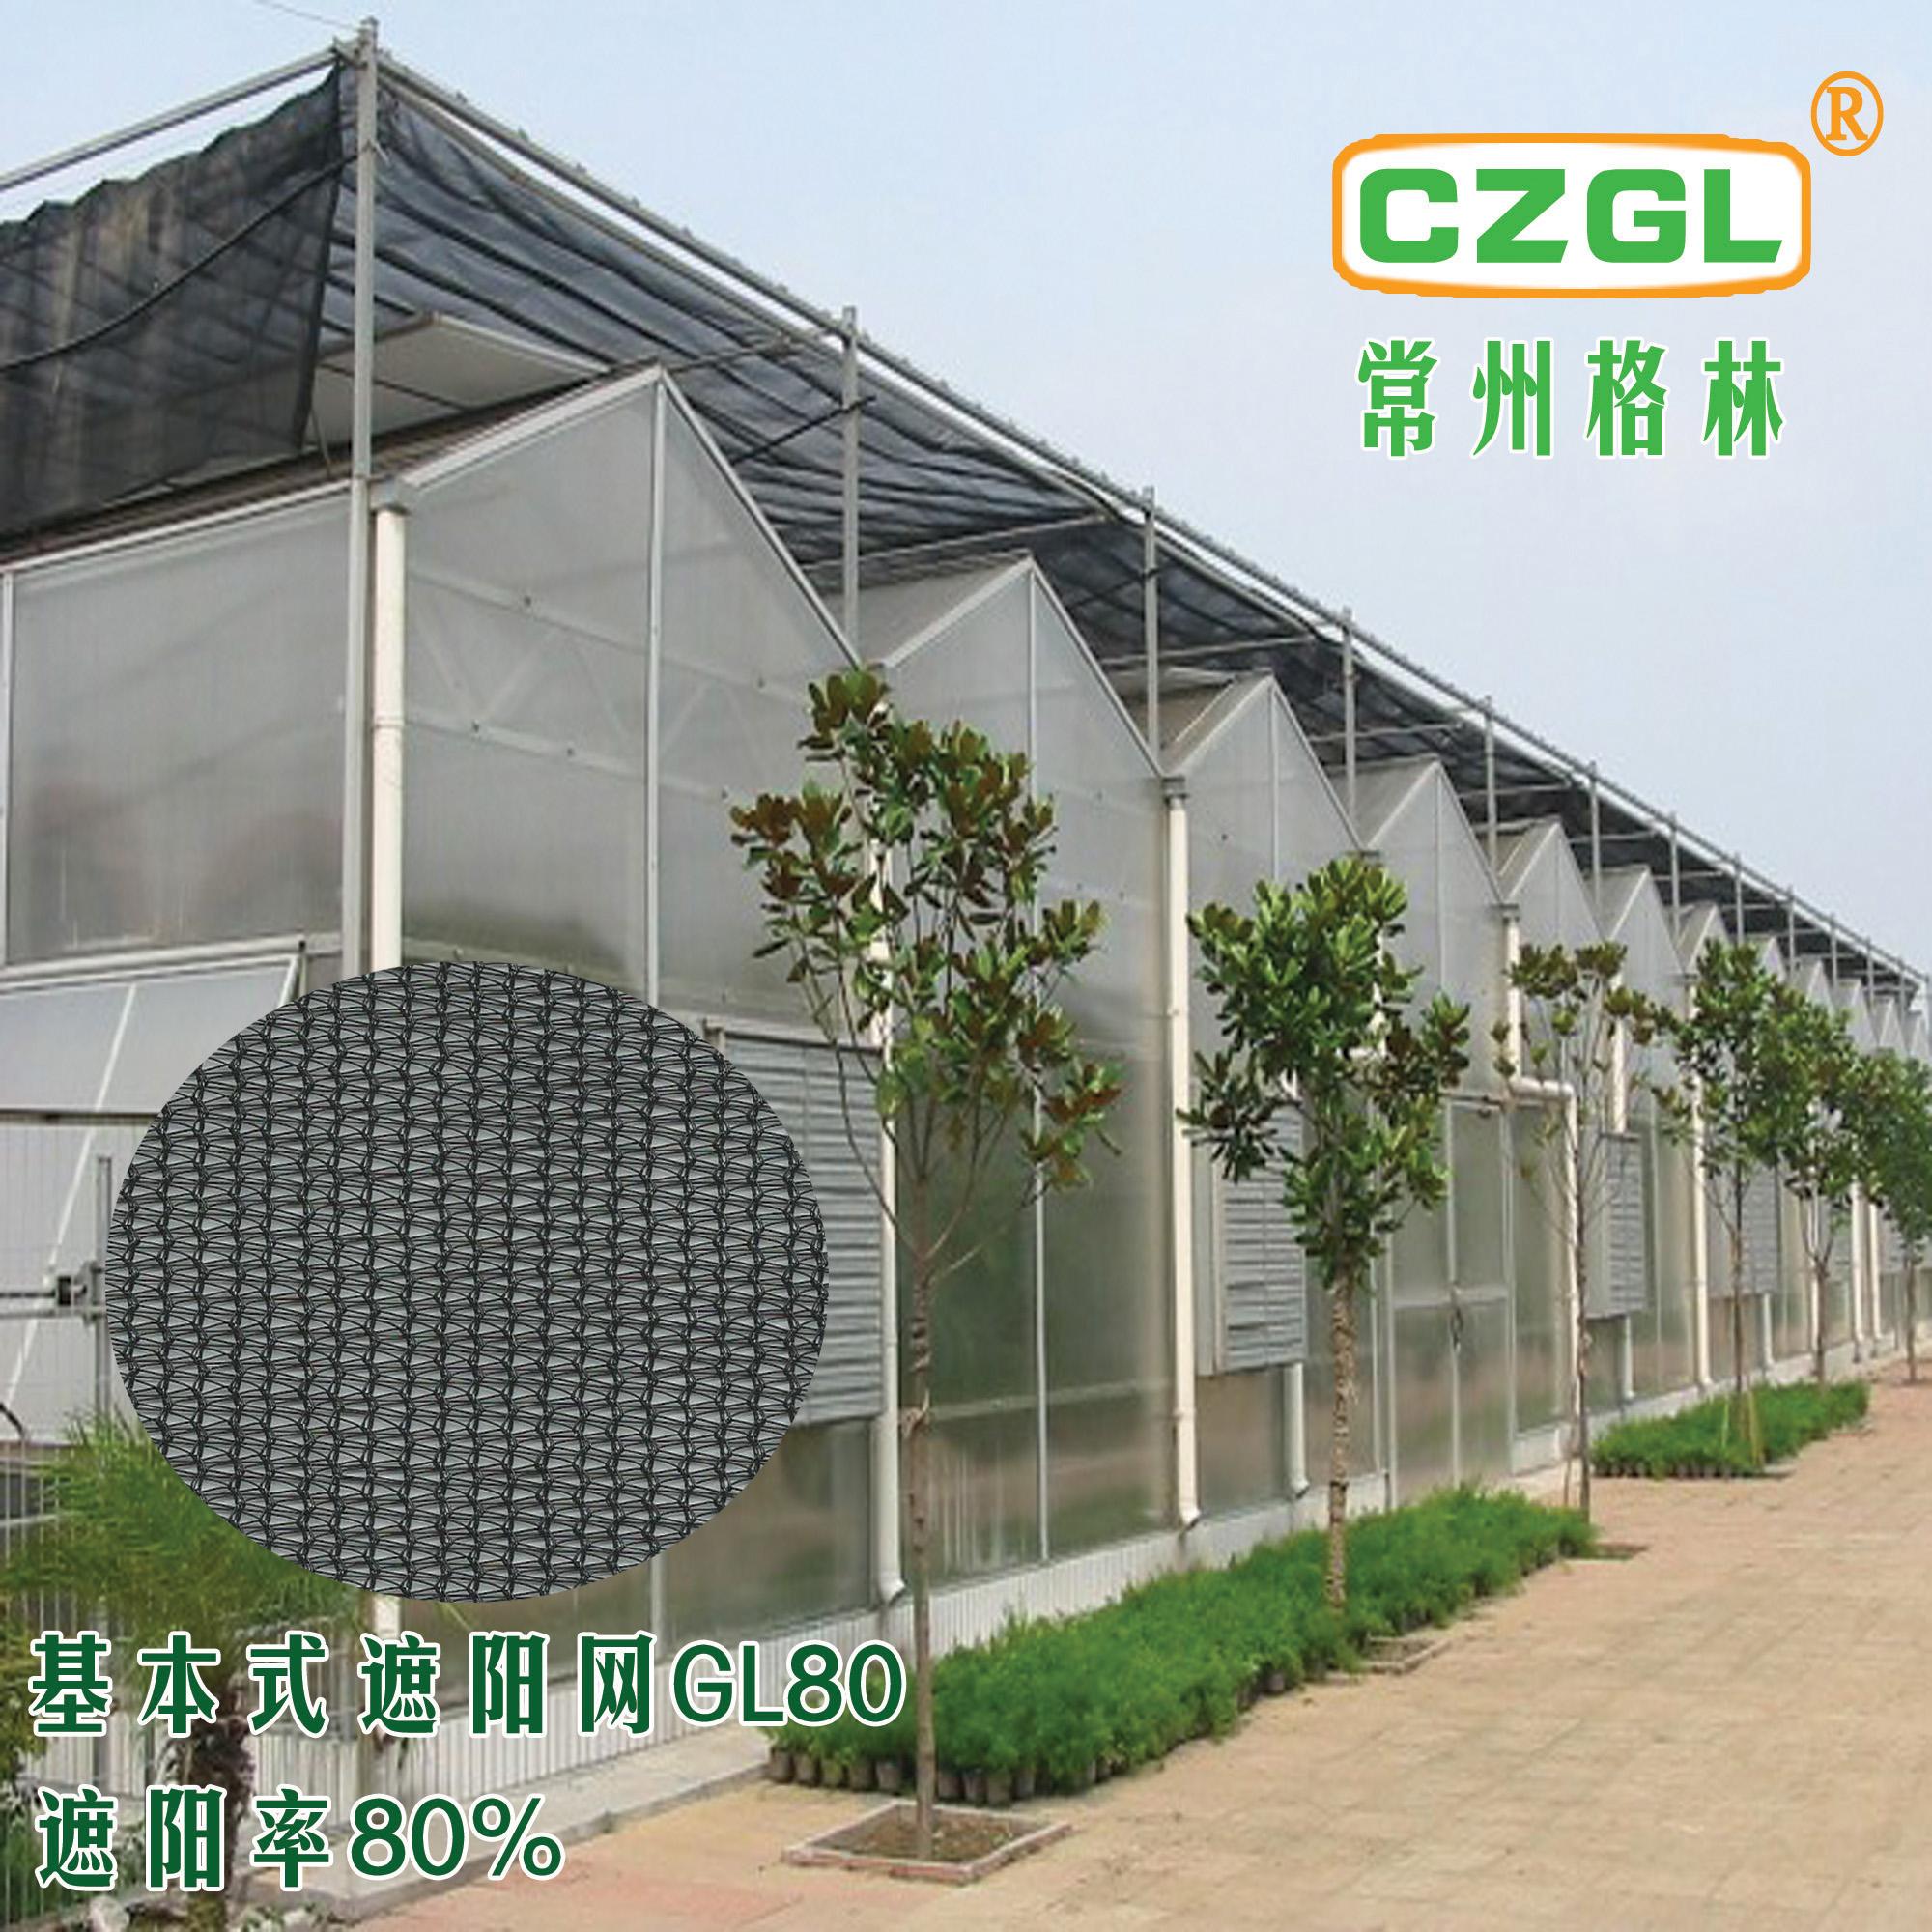 I Produttori che vendono materiale Nuovo Filo Tondo l'Ombra di Sole all'Ombra della Rete GL80 l '80% del Tasso di garanzia per 5 Anni la Crema solare.